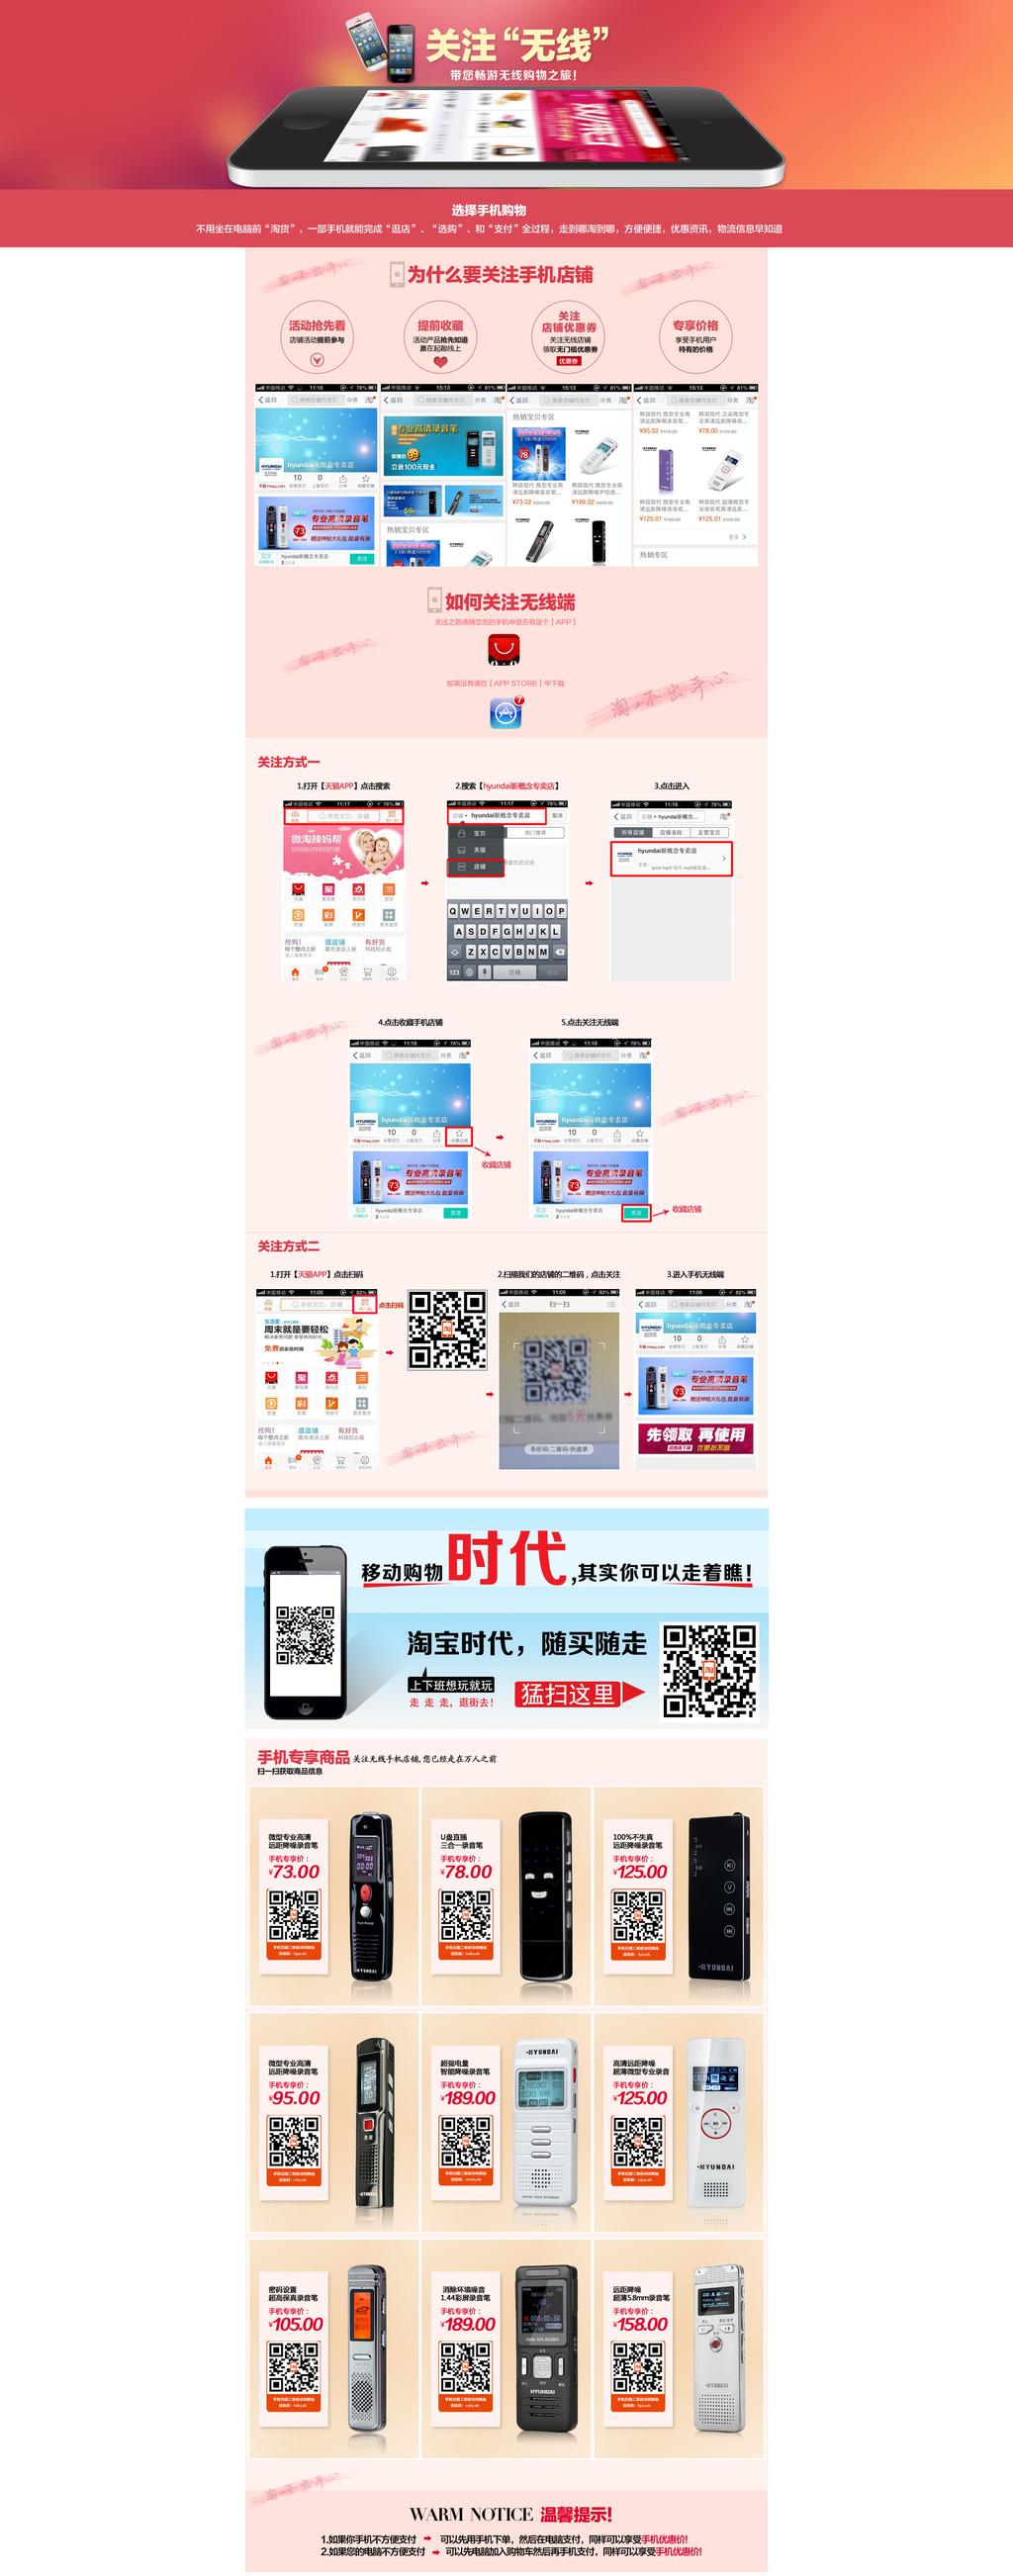 淘宝手机无线专享模板天猫手机活动页面